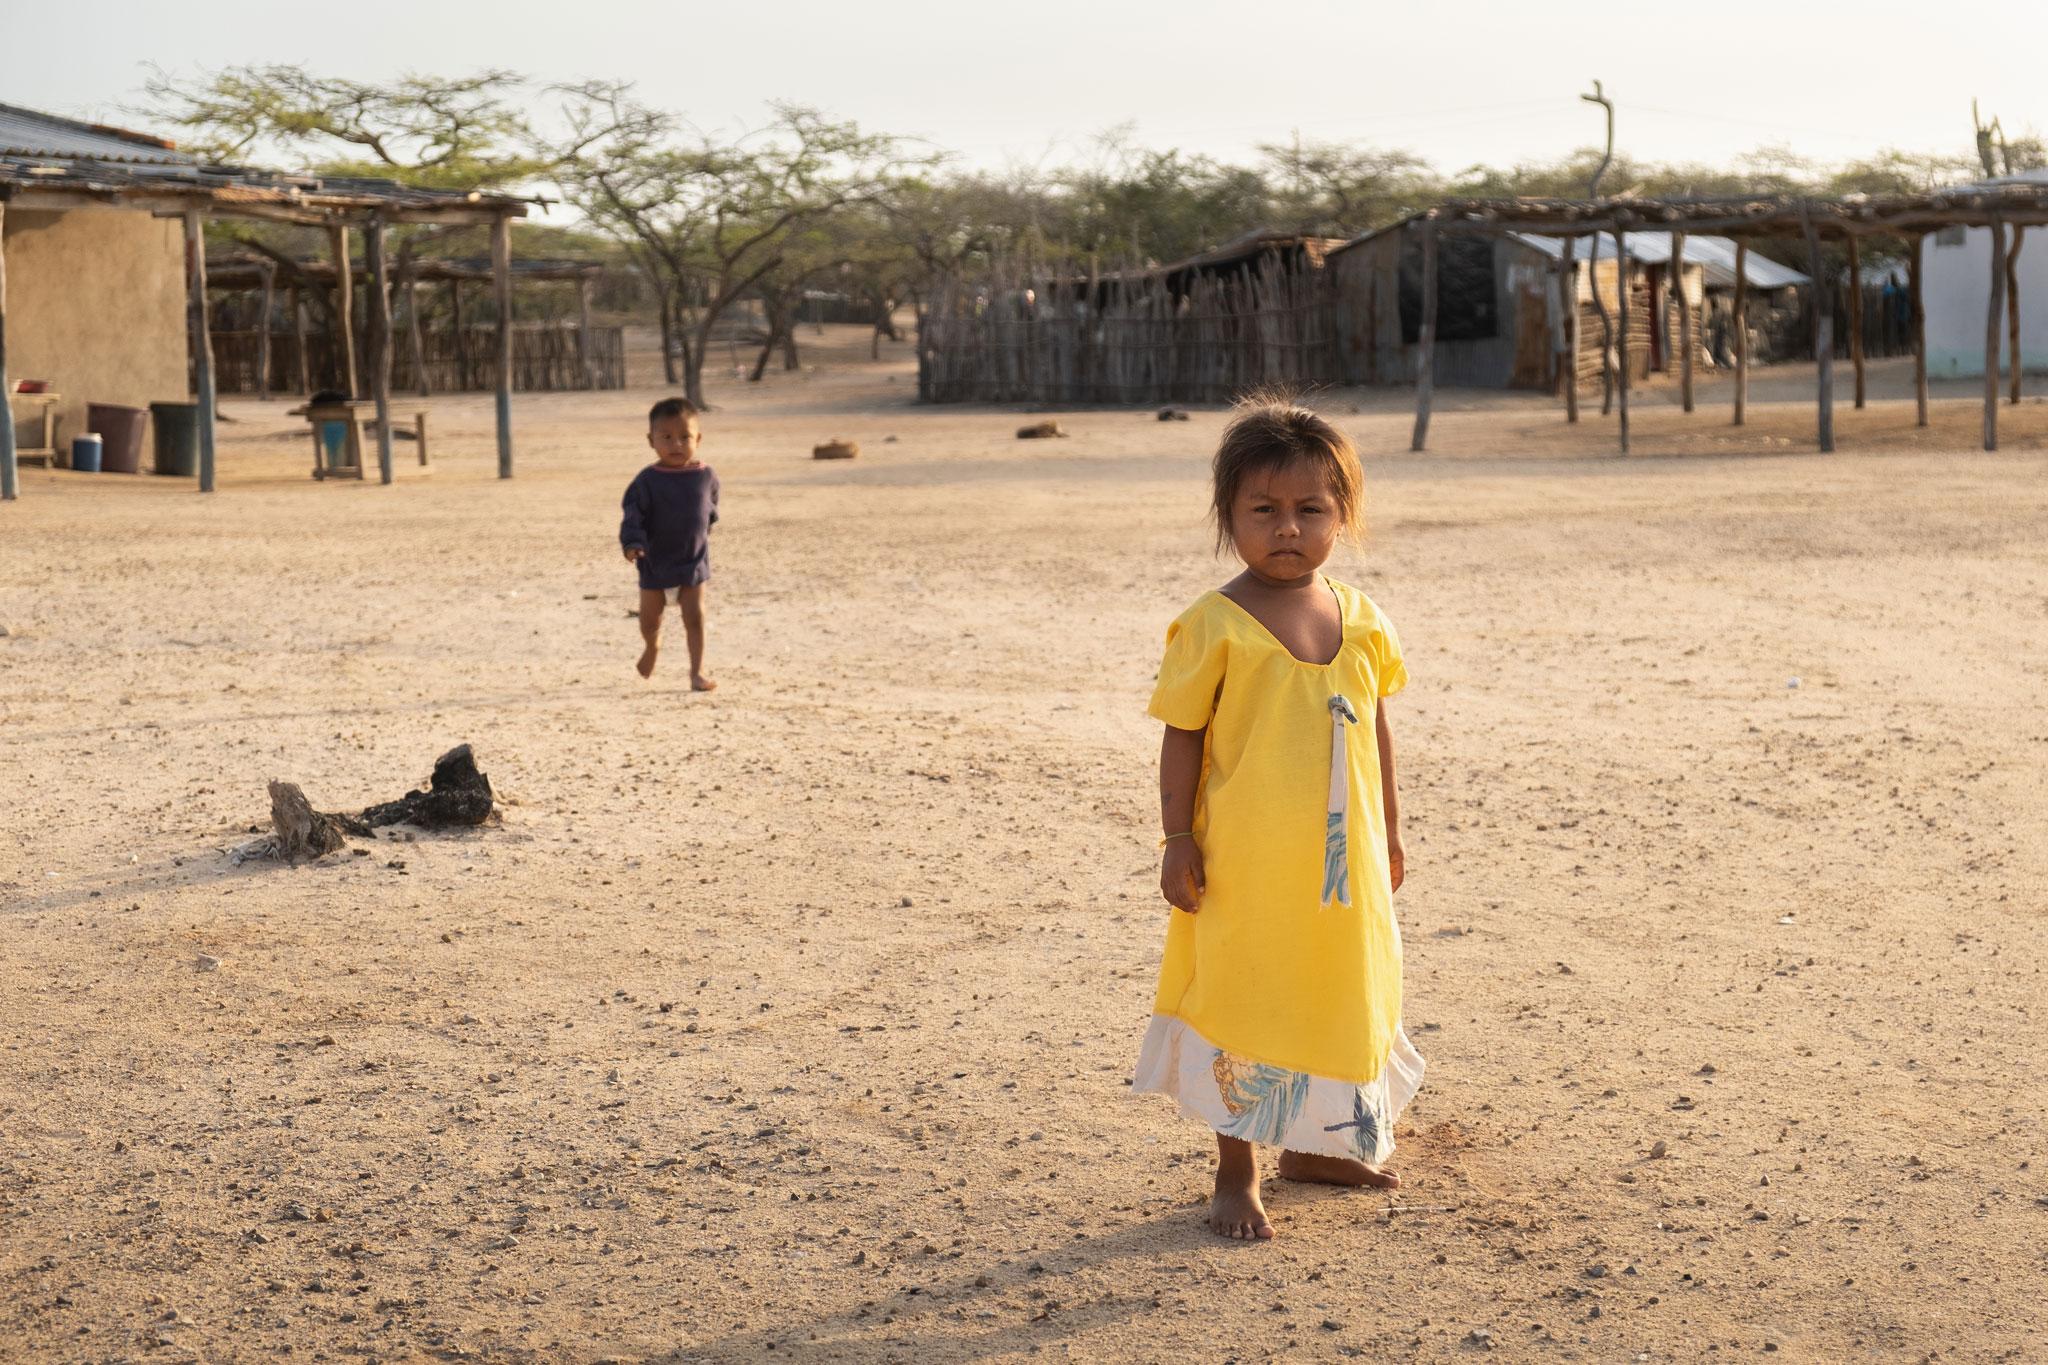 wayuu-kids-camaronnes-guajira-colombia